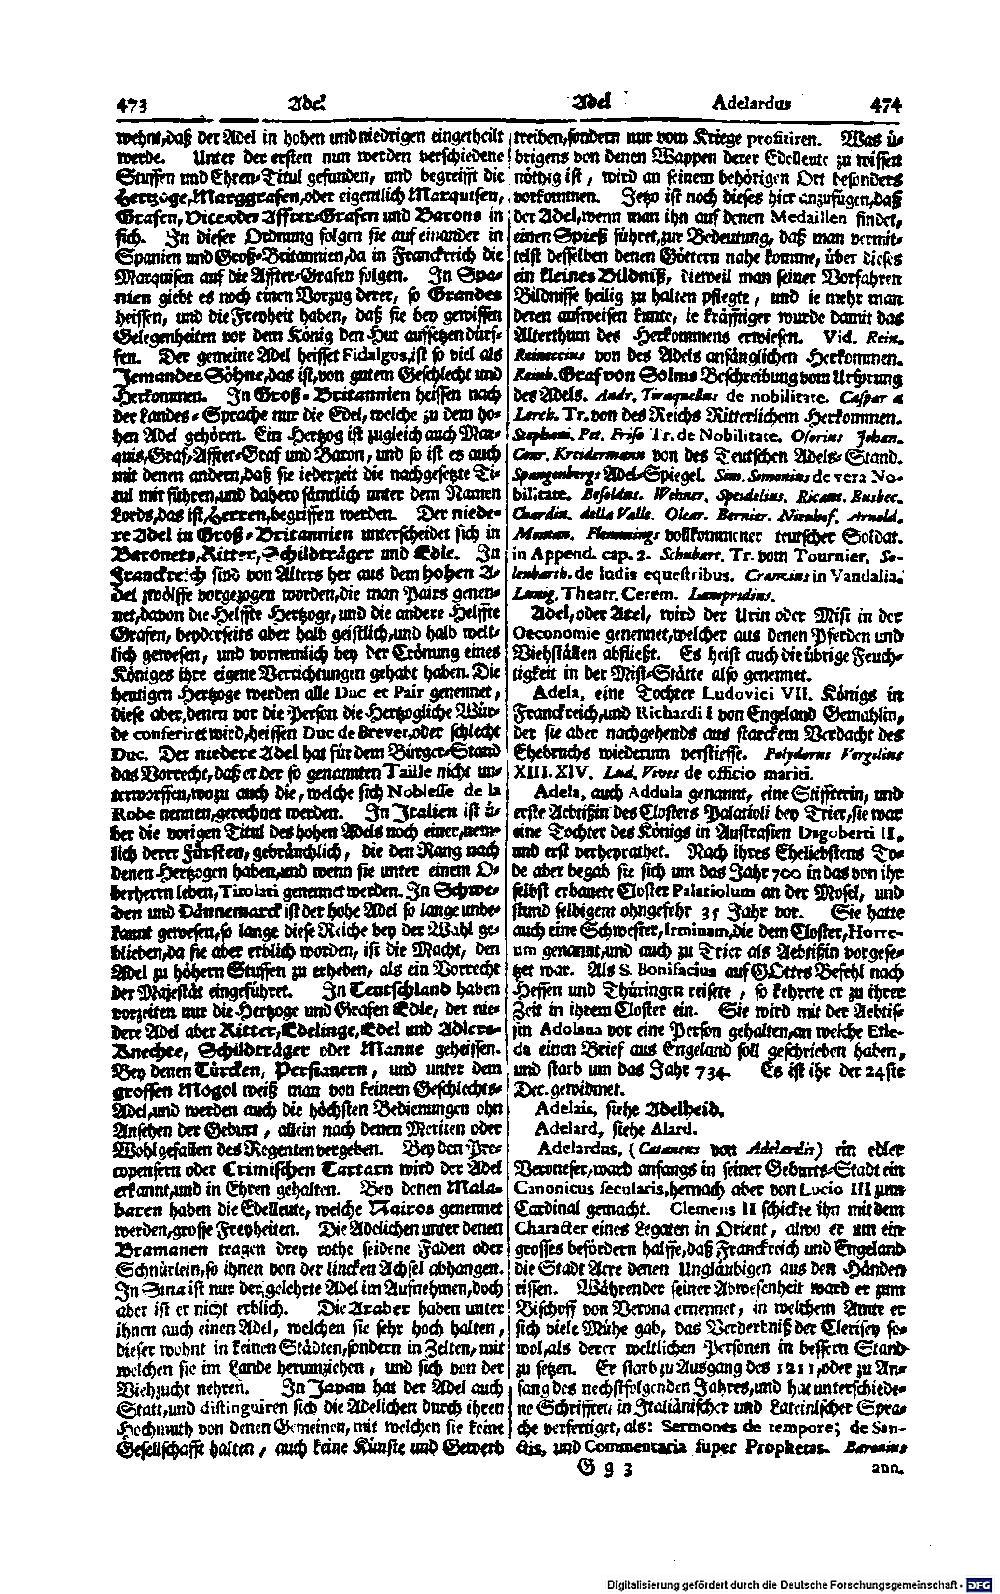 Bd. 01, Seite 0276.